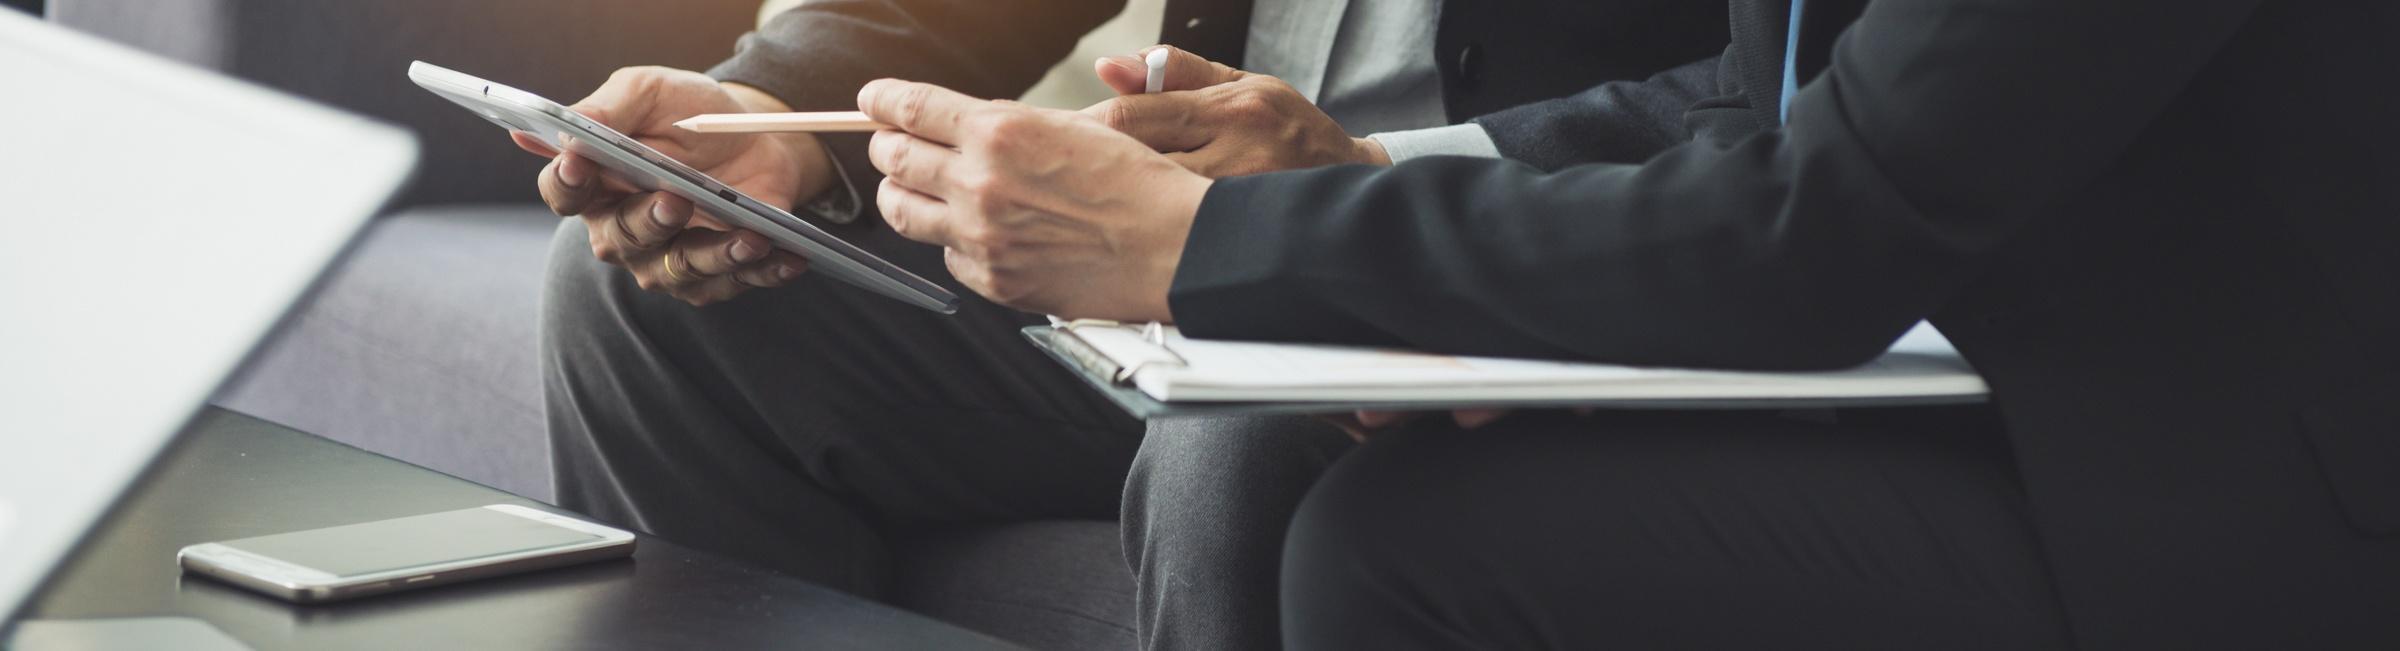 Un contrat signé entre une entreprise et une agence d'emploi